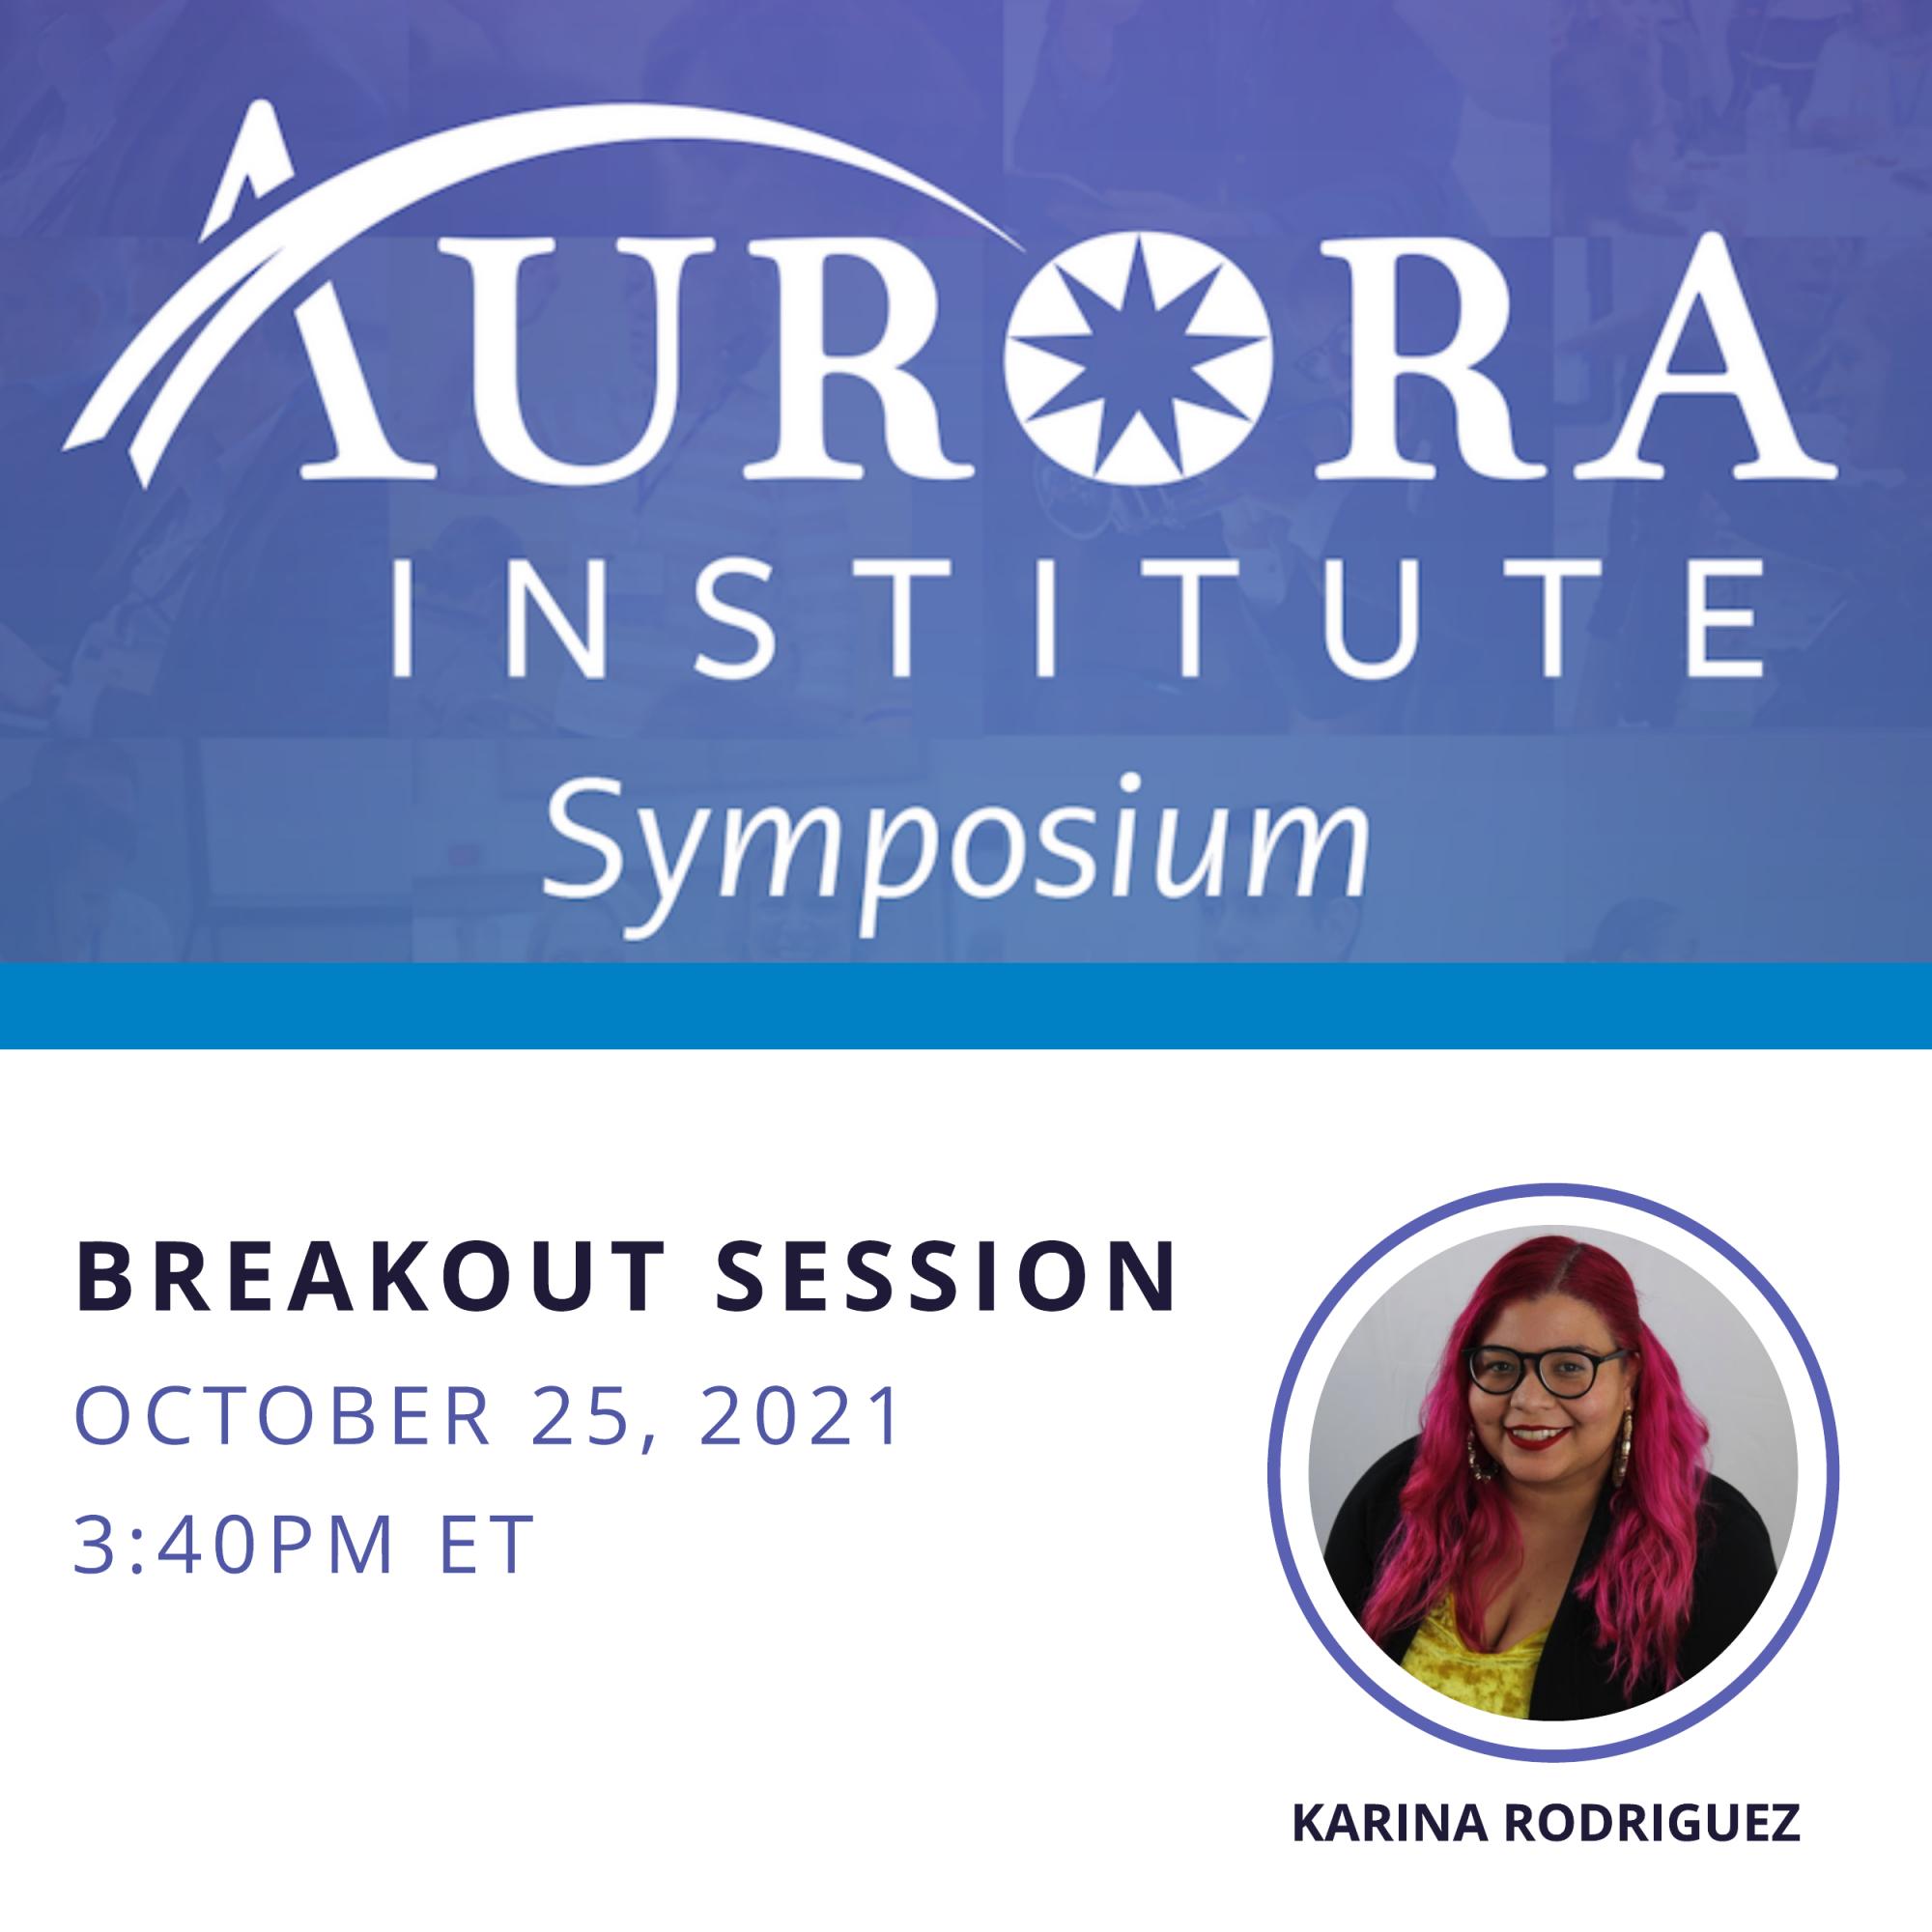 Aurora Institute 2021